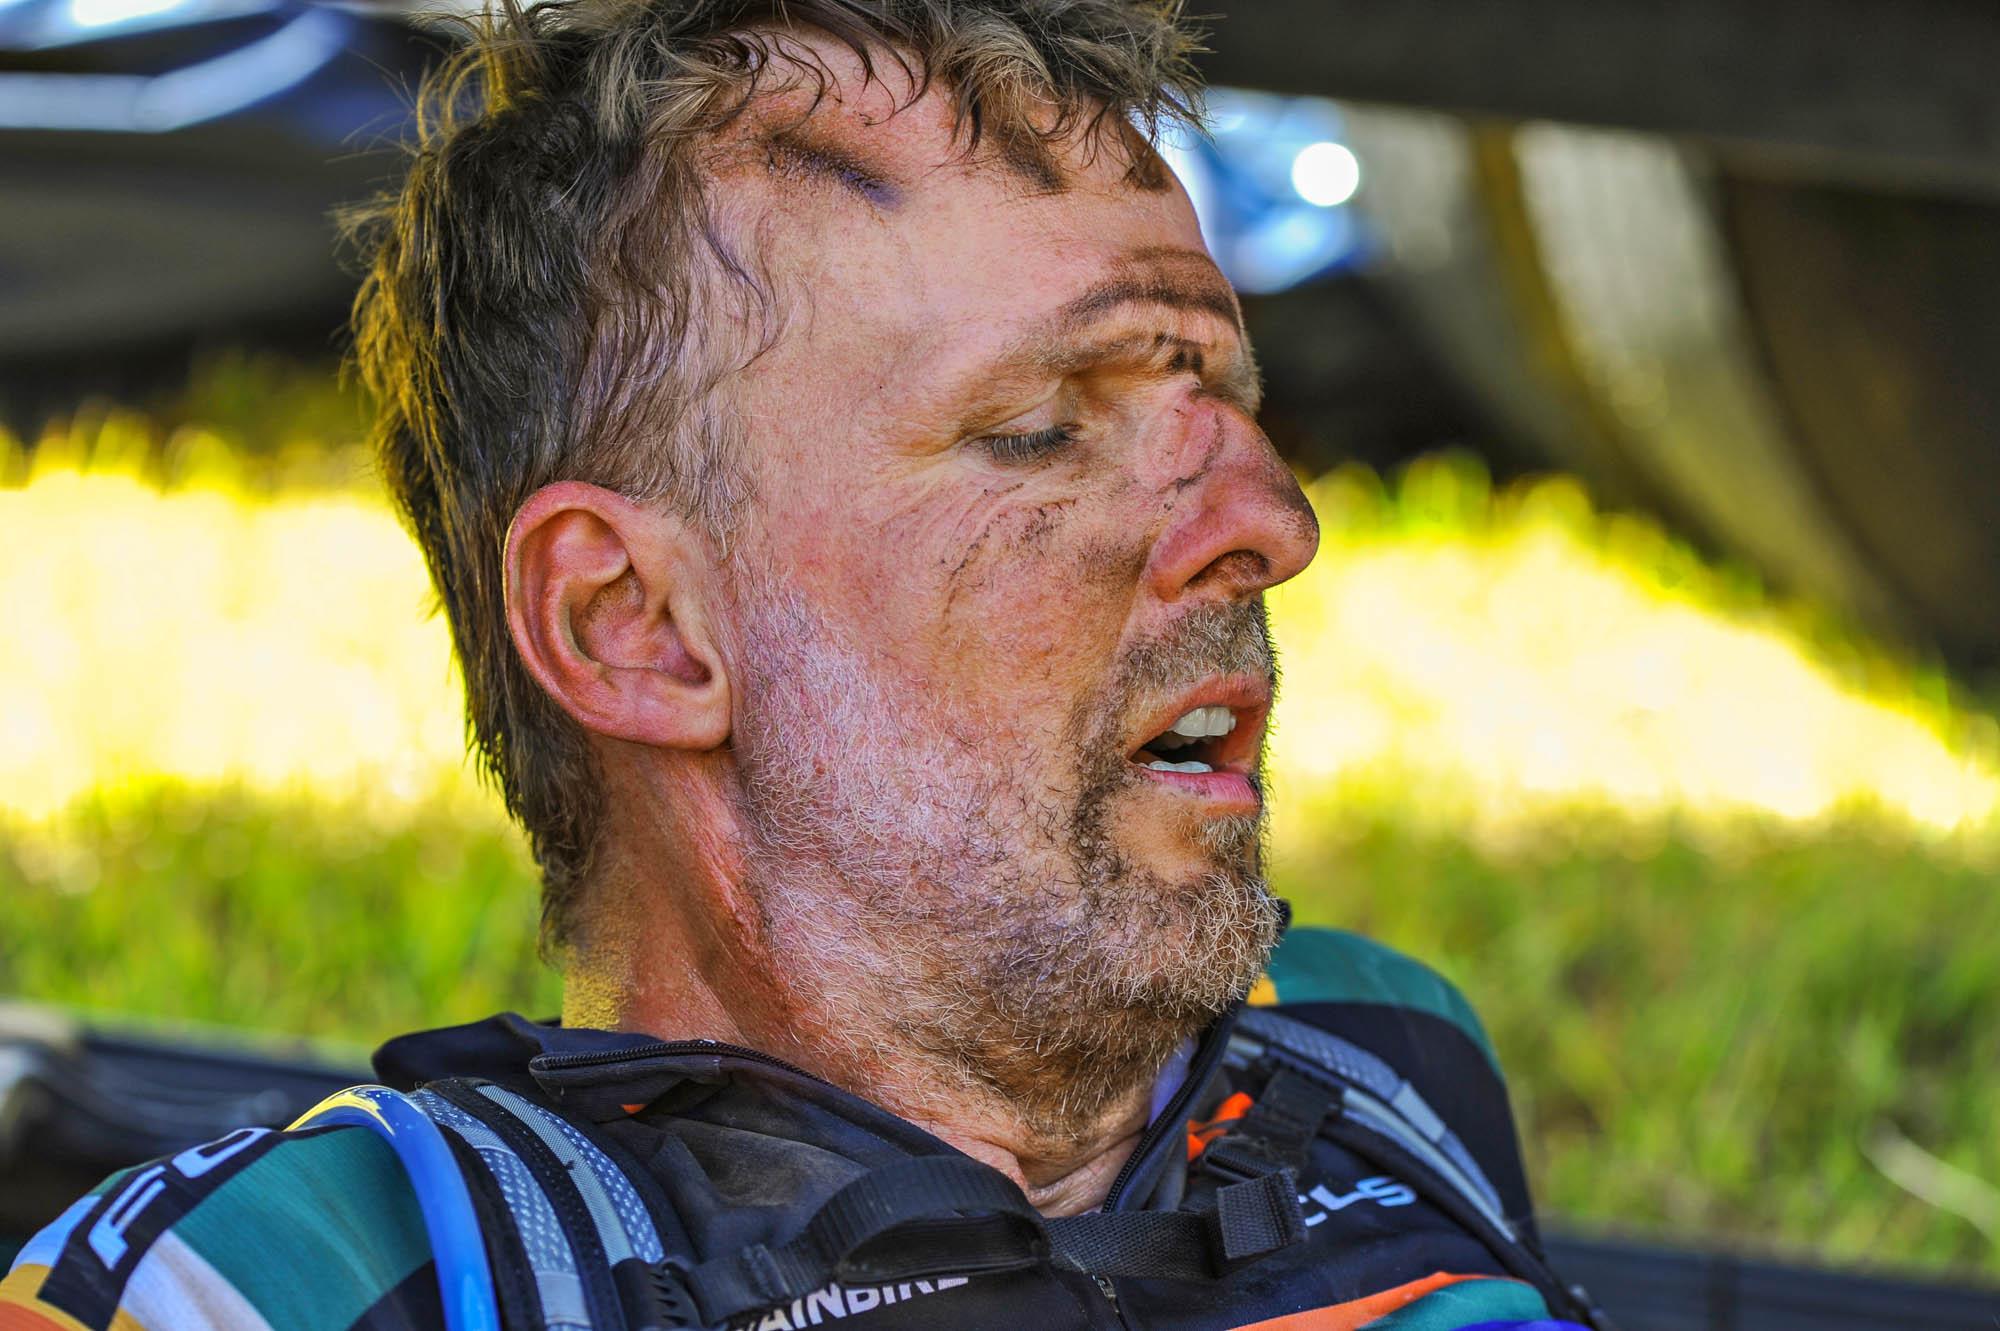 Ich liege völlig kaputt in der Hitze der ersten Cape-Epic-Etappe an einer Verpflegungsstation auf dem Boden.